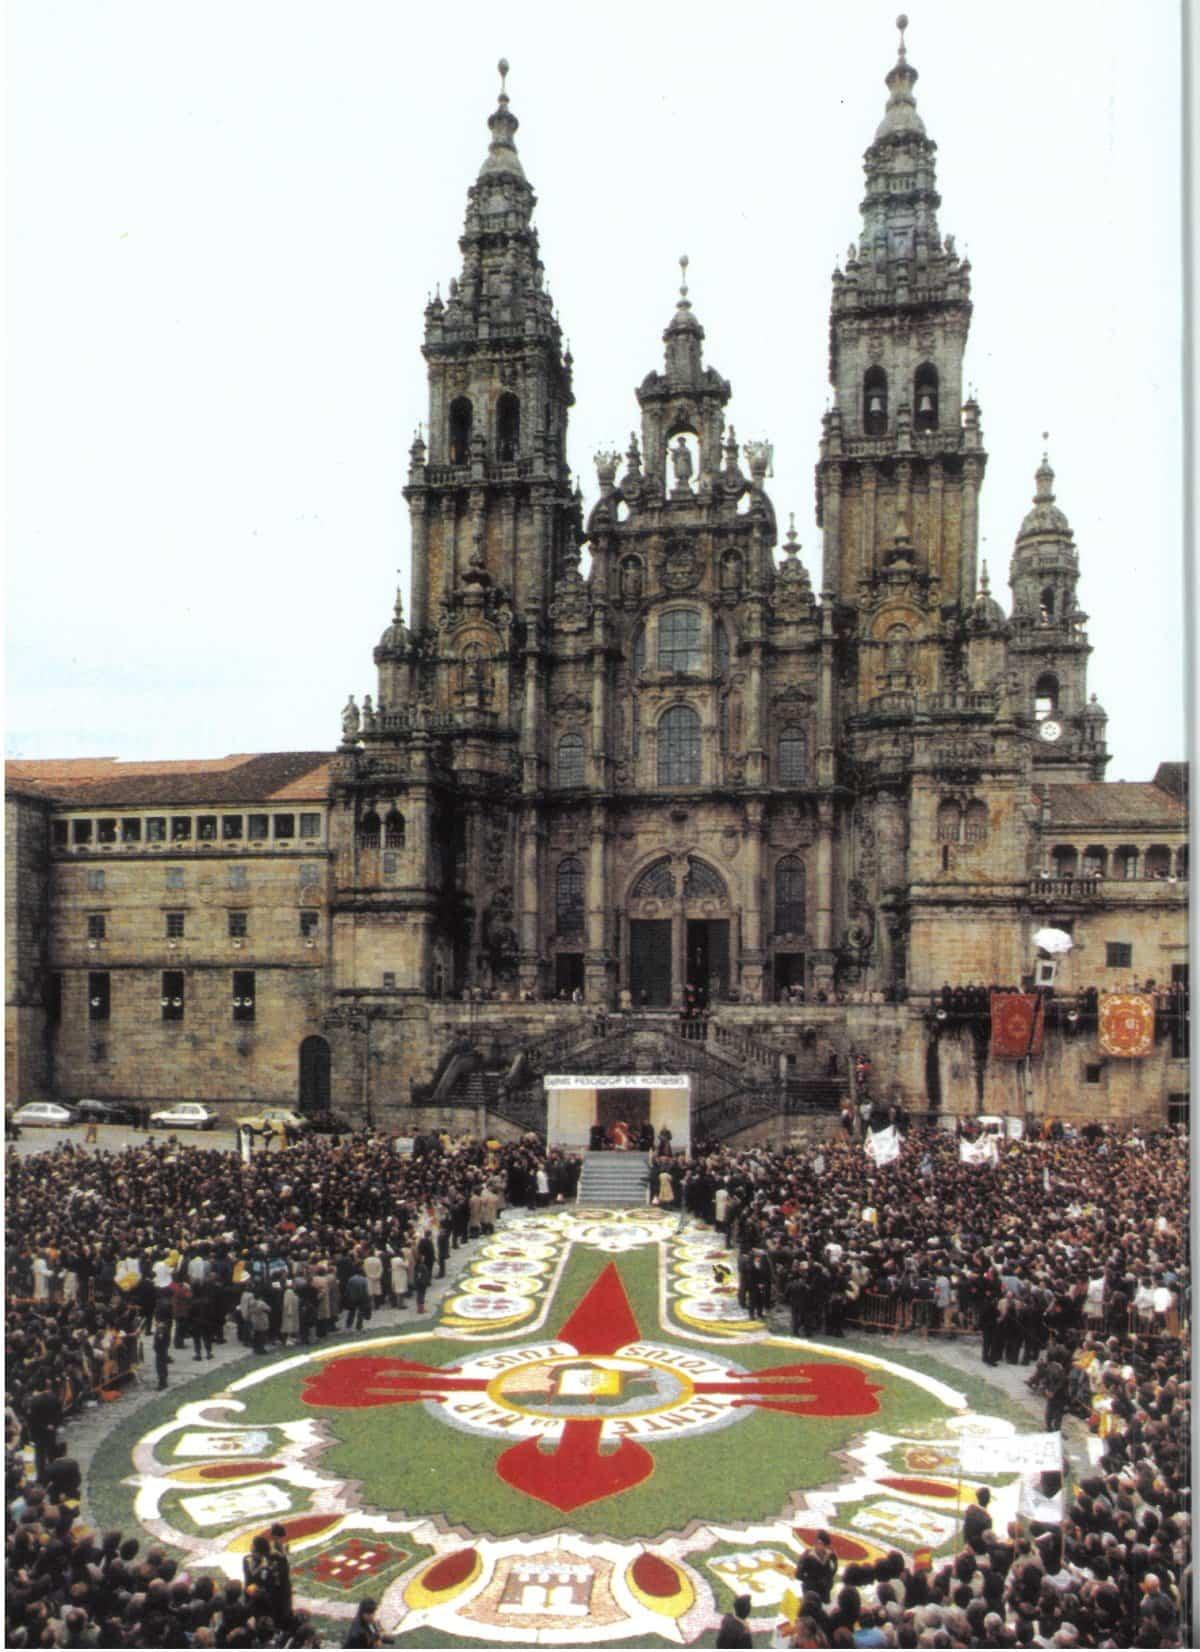 creada la comision gestora de entidades alfombristas del camino de santiago - Herencia con la Comisión Gestora de Entidades Alfombristas del Camino de Santiago